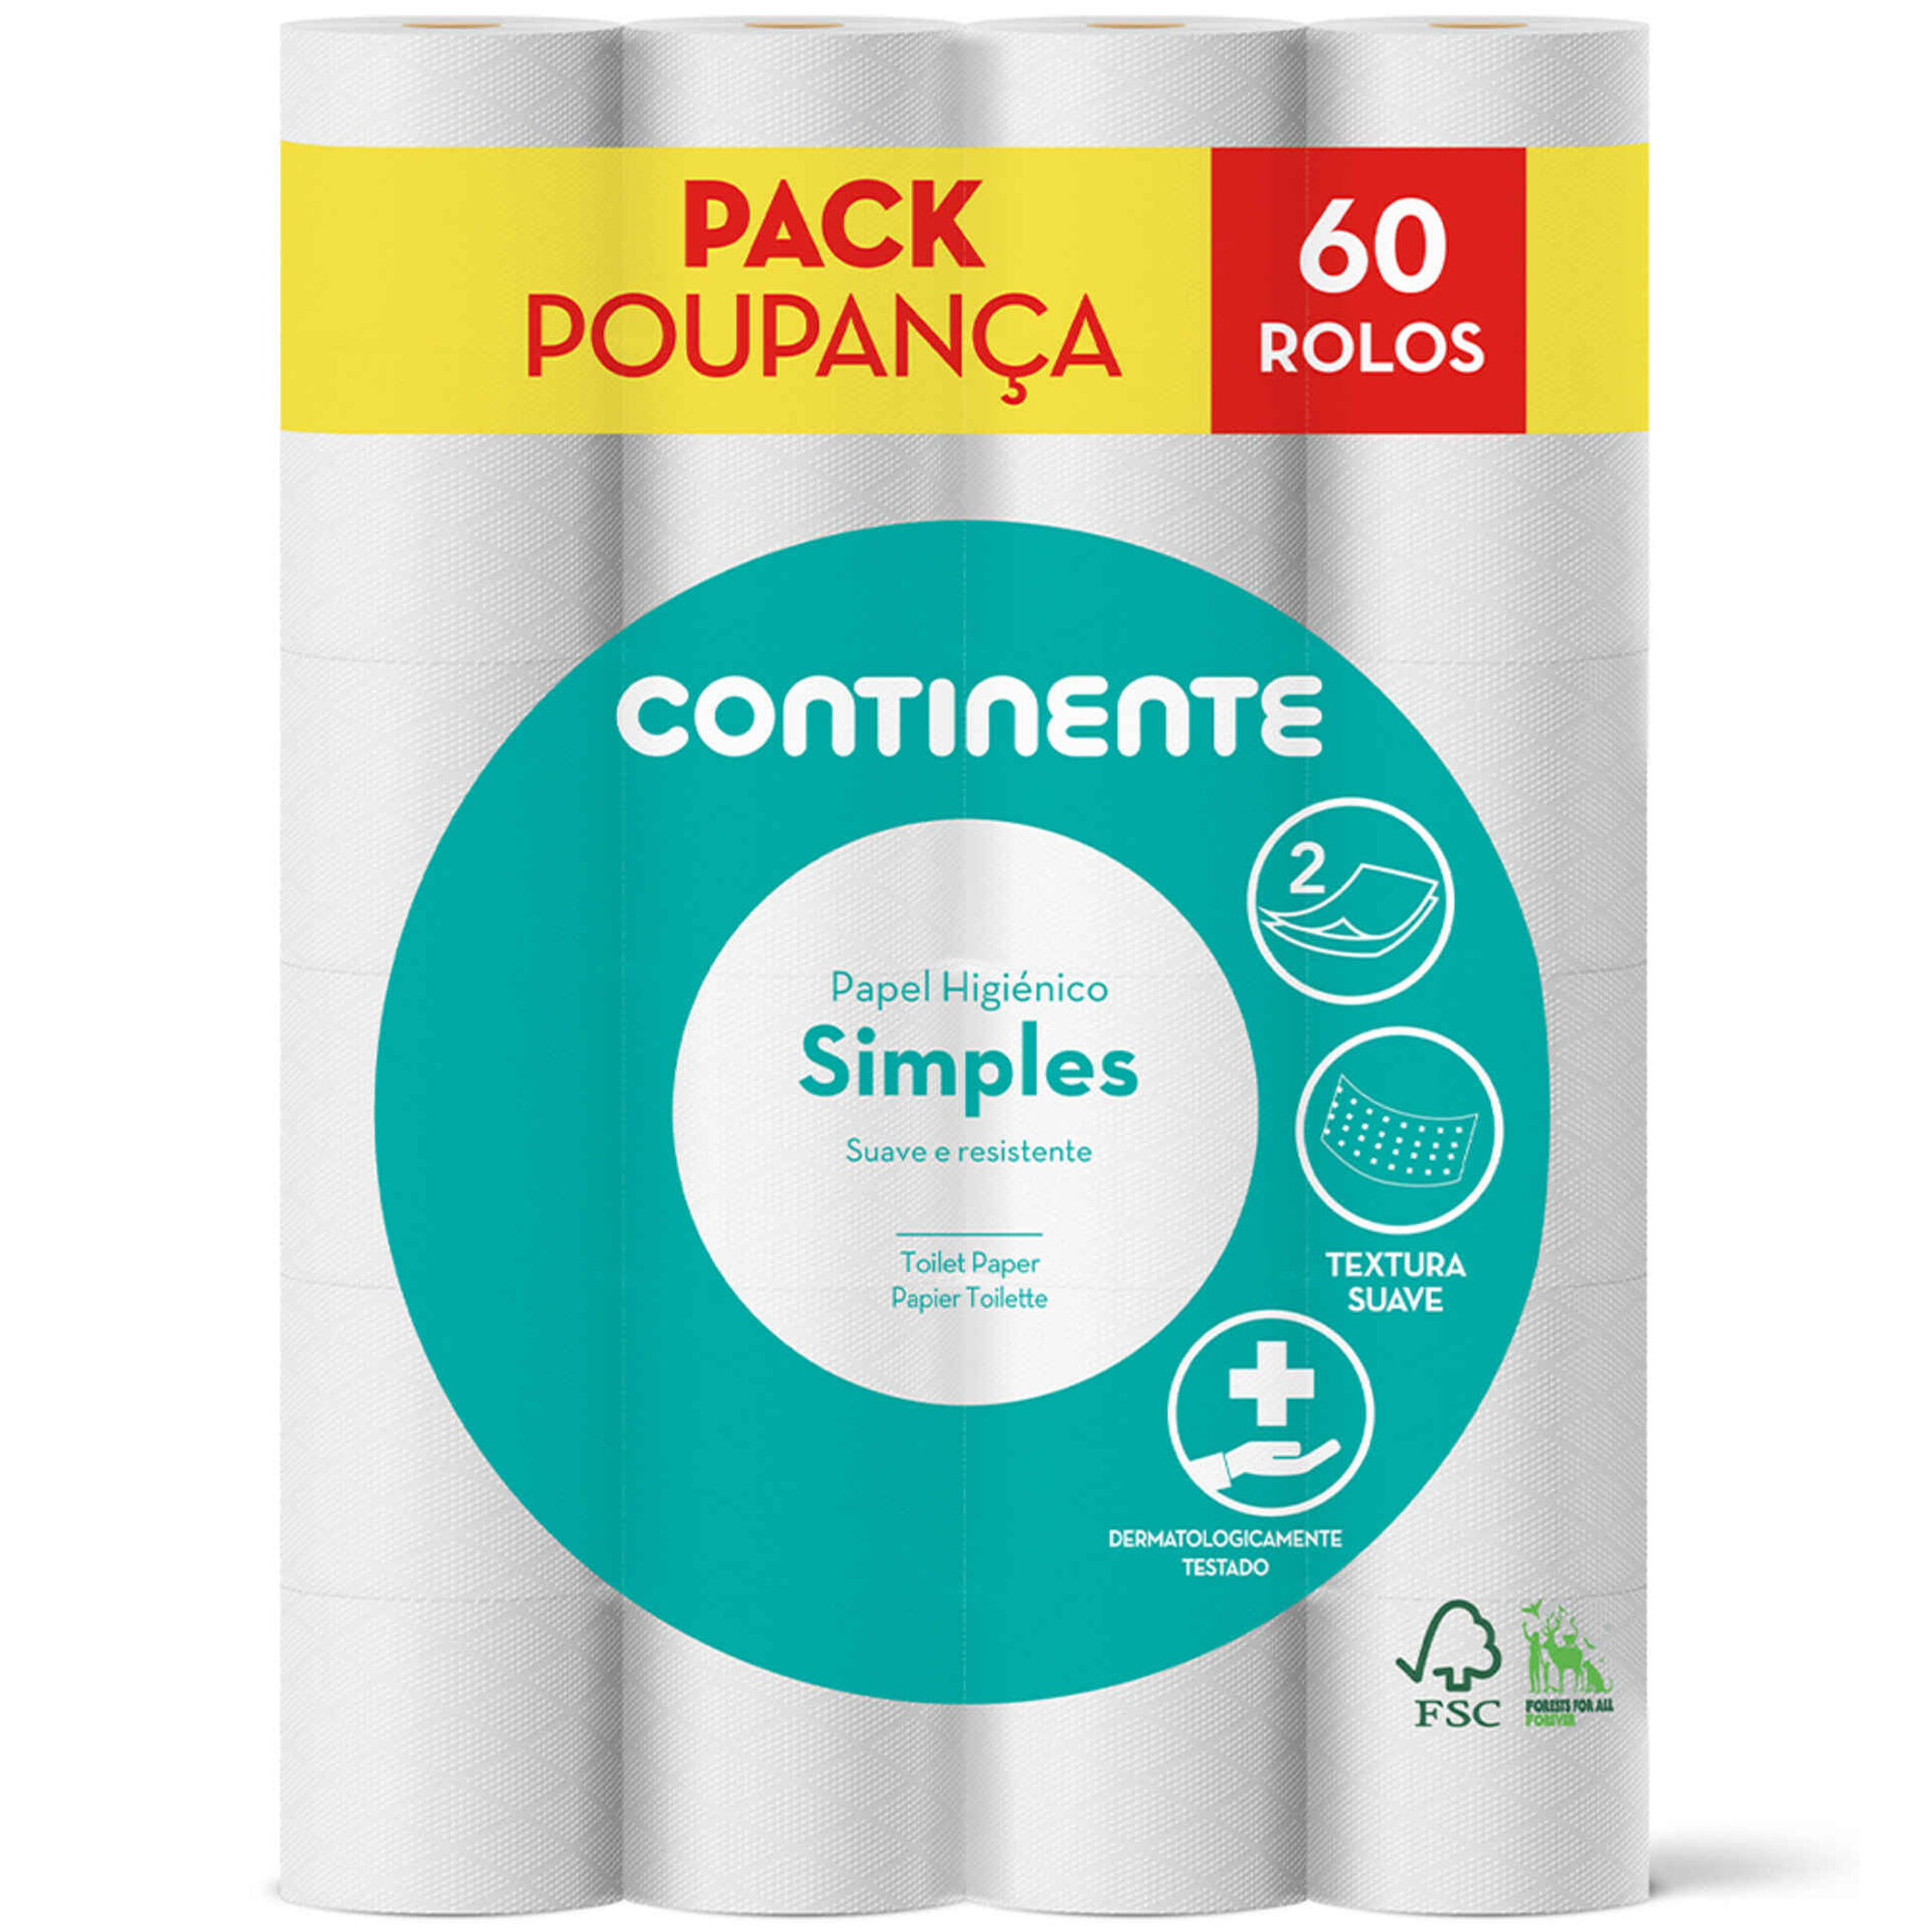 Papel Higiénico 2 Folhas Pack Poupança